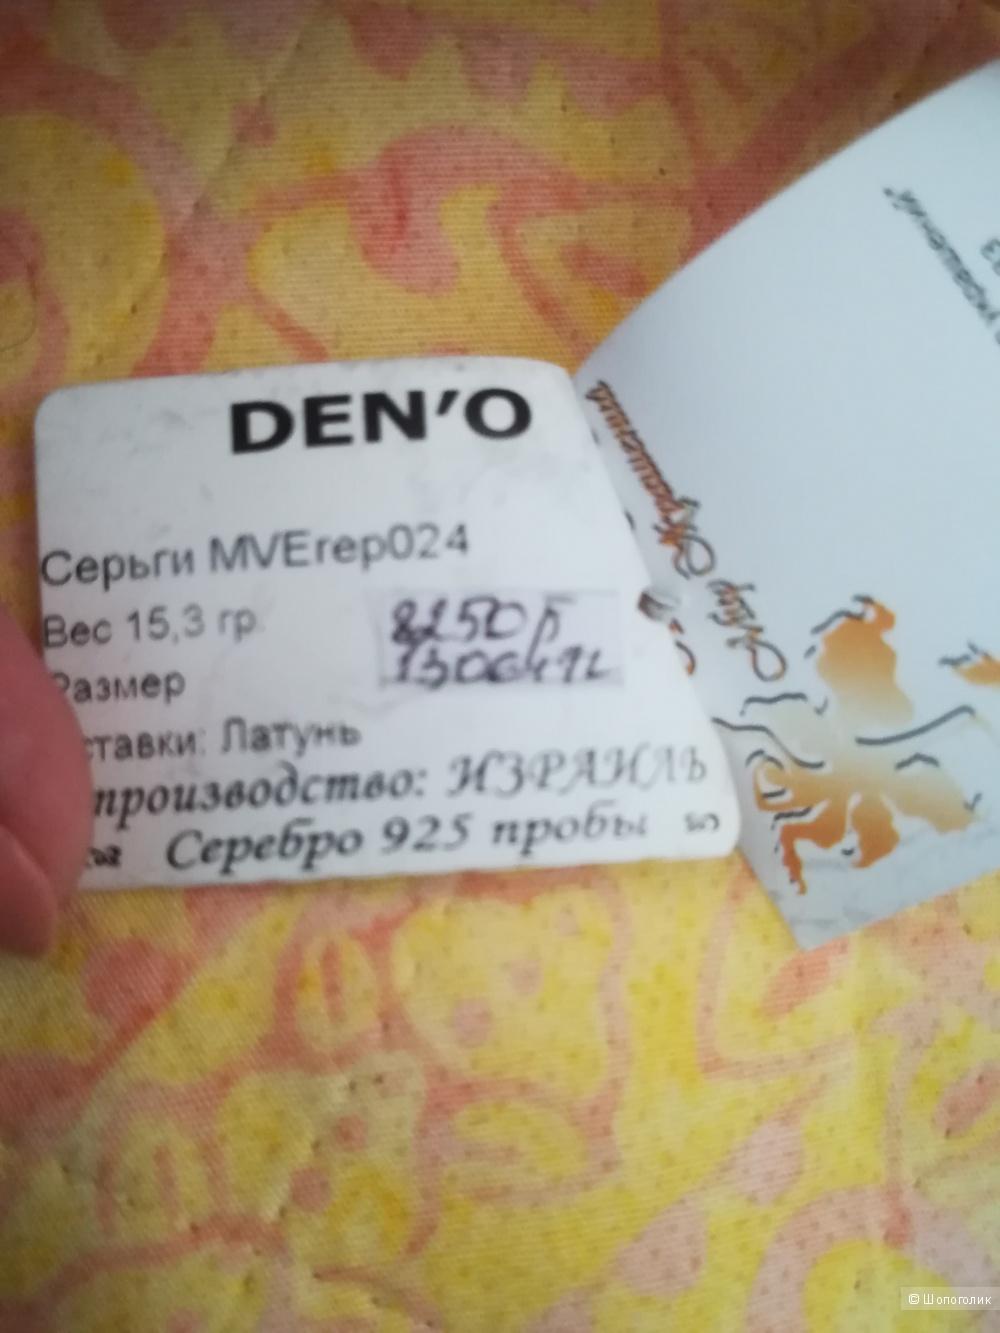 Серьги Deno (серебро)